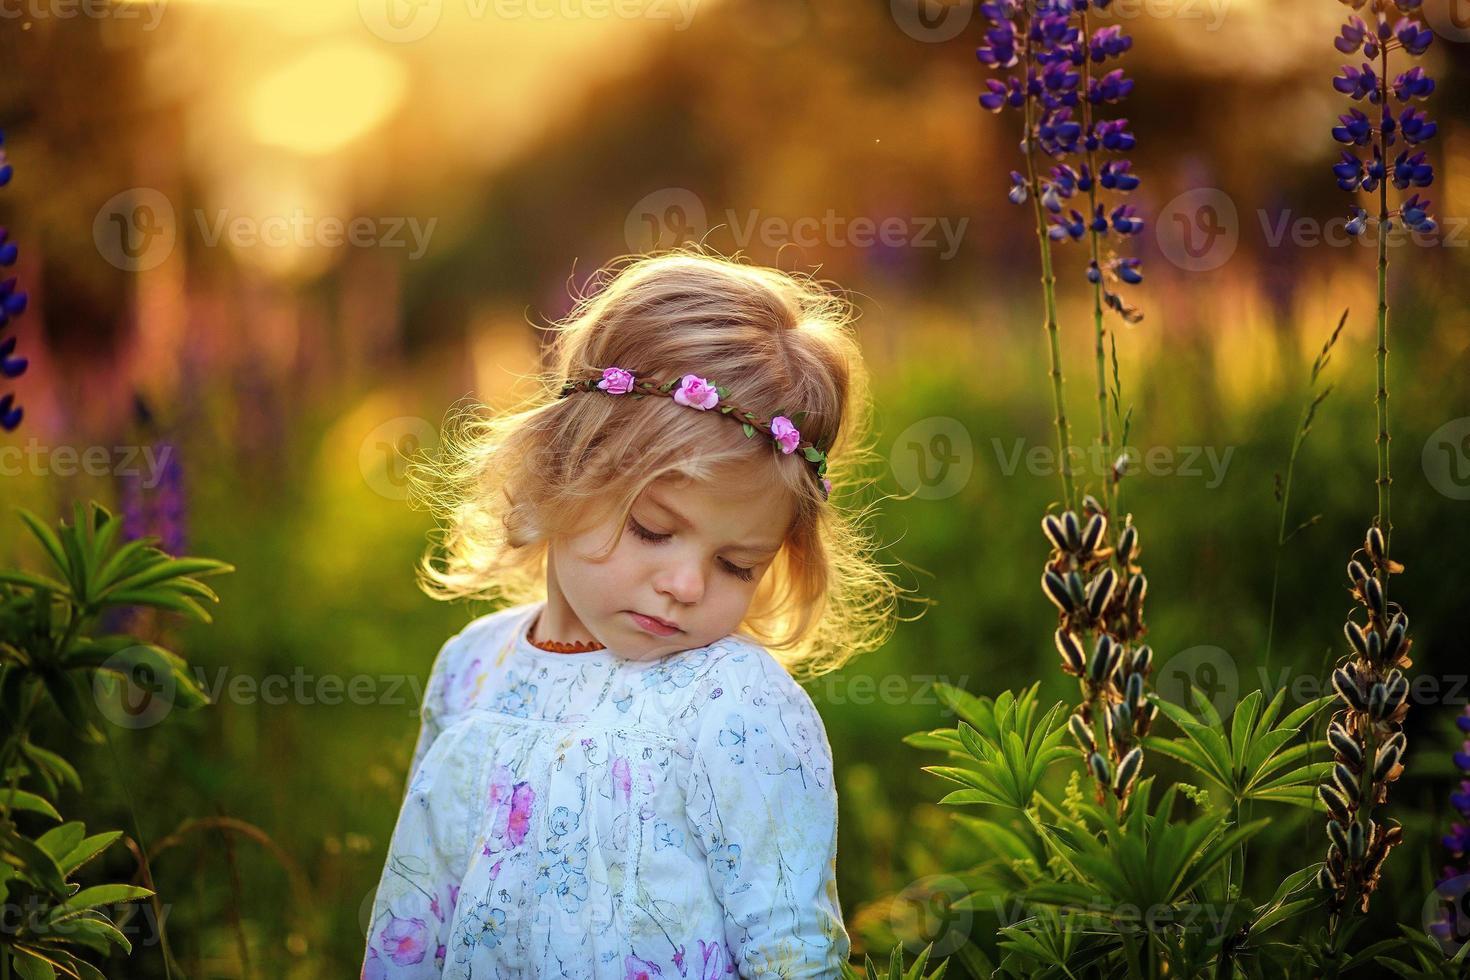 kleines Mädchen mit blauen Blumen. Fay. foto